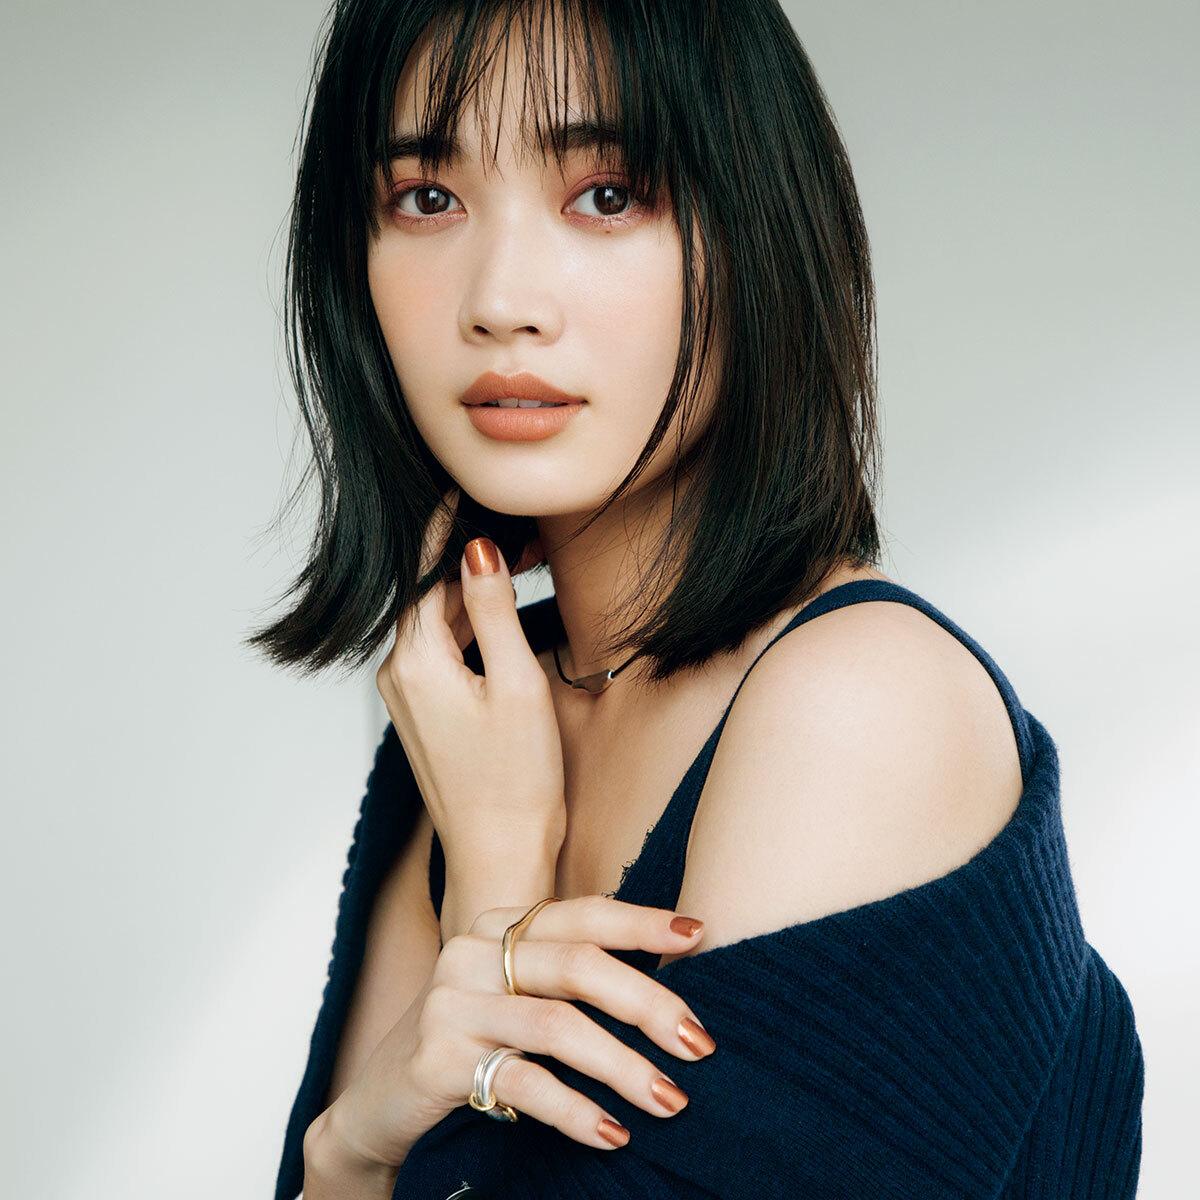 モデル/林田岬優 赤みのあるプラムな目もとでふくよかな感情を表情に宿して